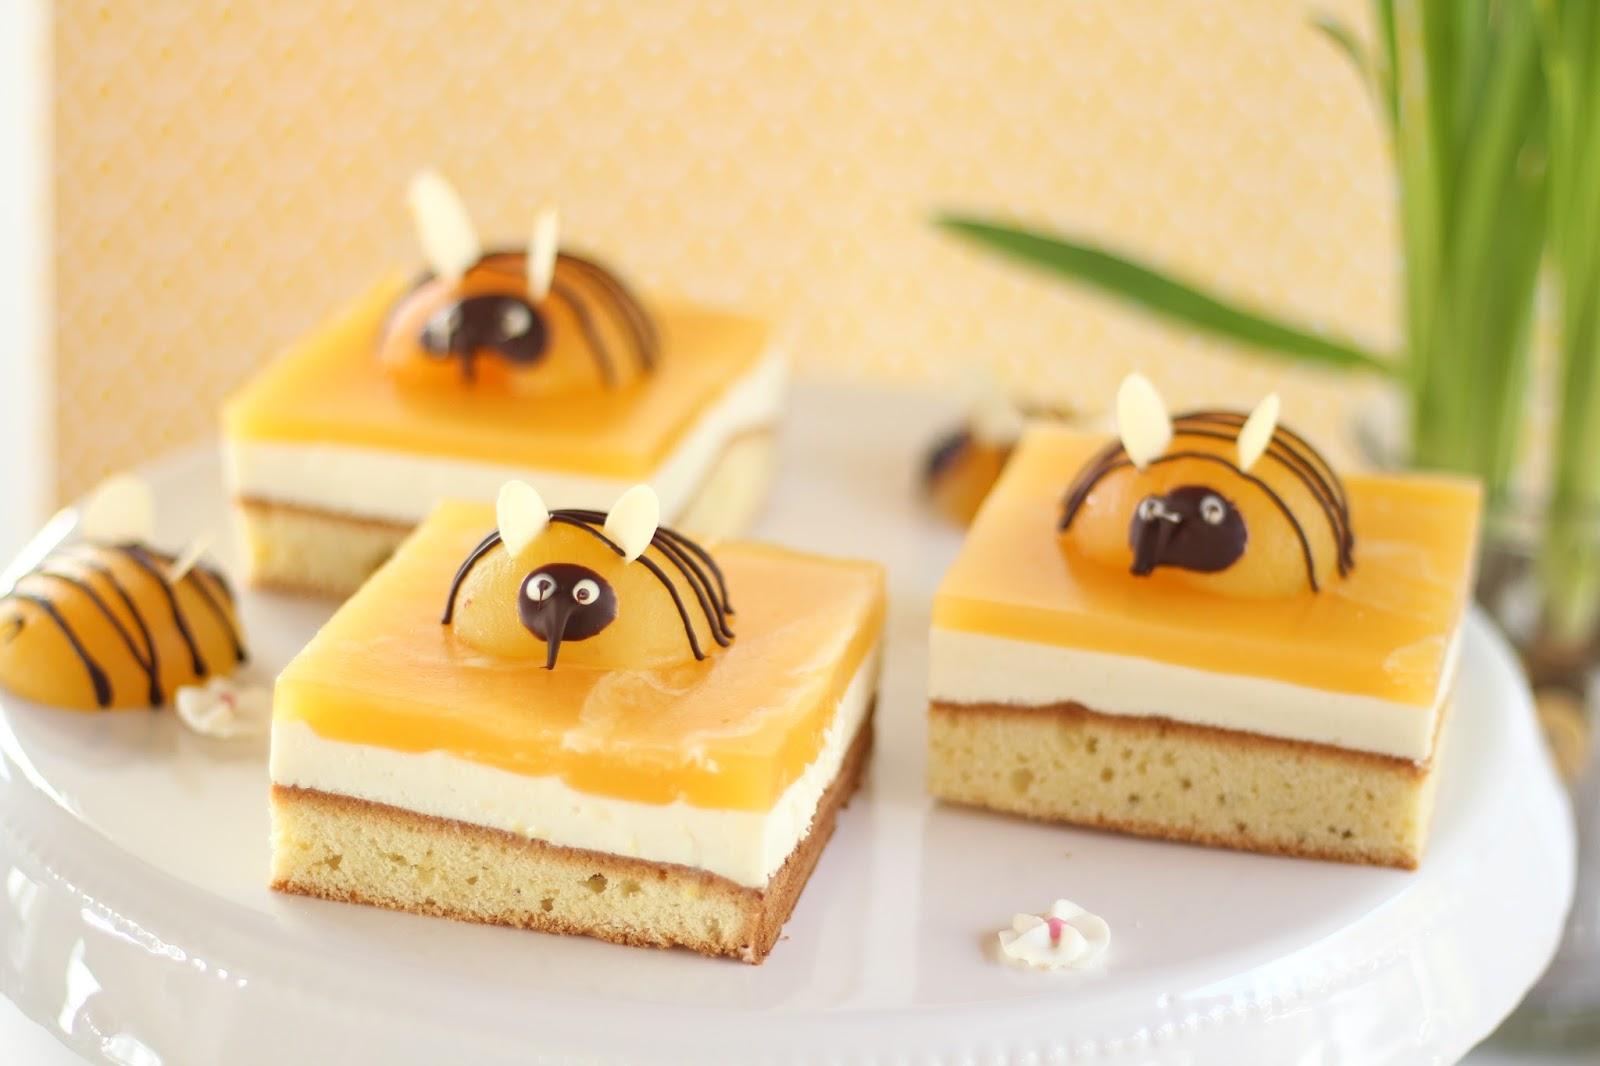 12 Hase Kaninchen Cupcake Deckel reispapier Flaumig haustier Kuchen Dekoration